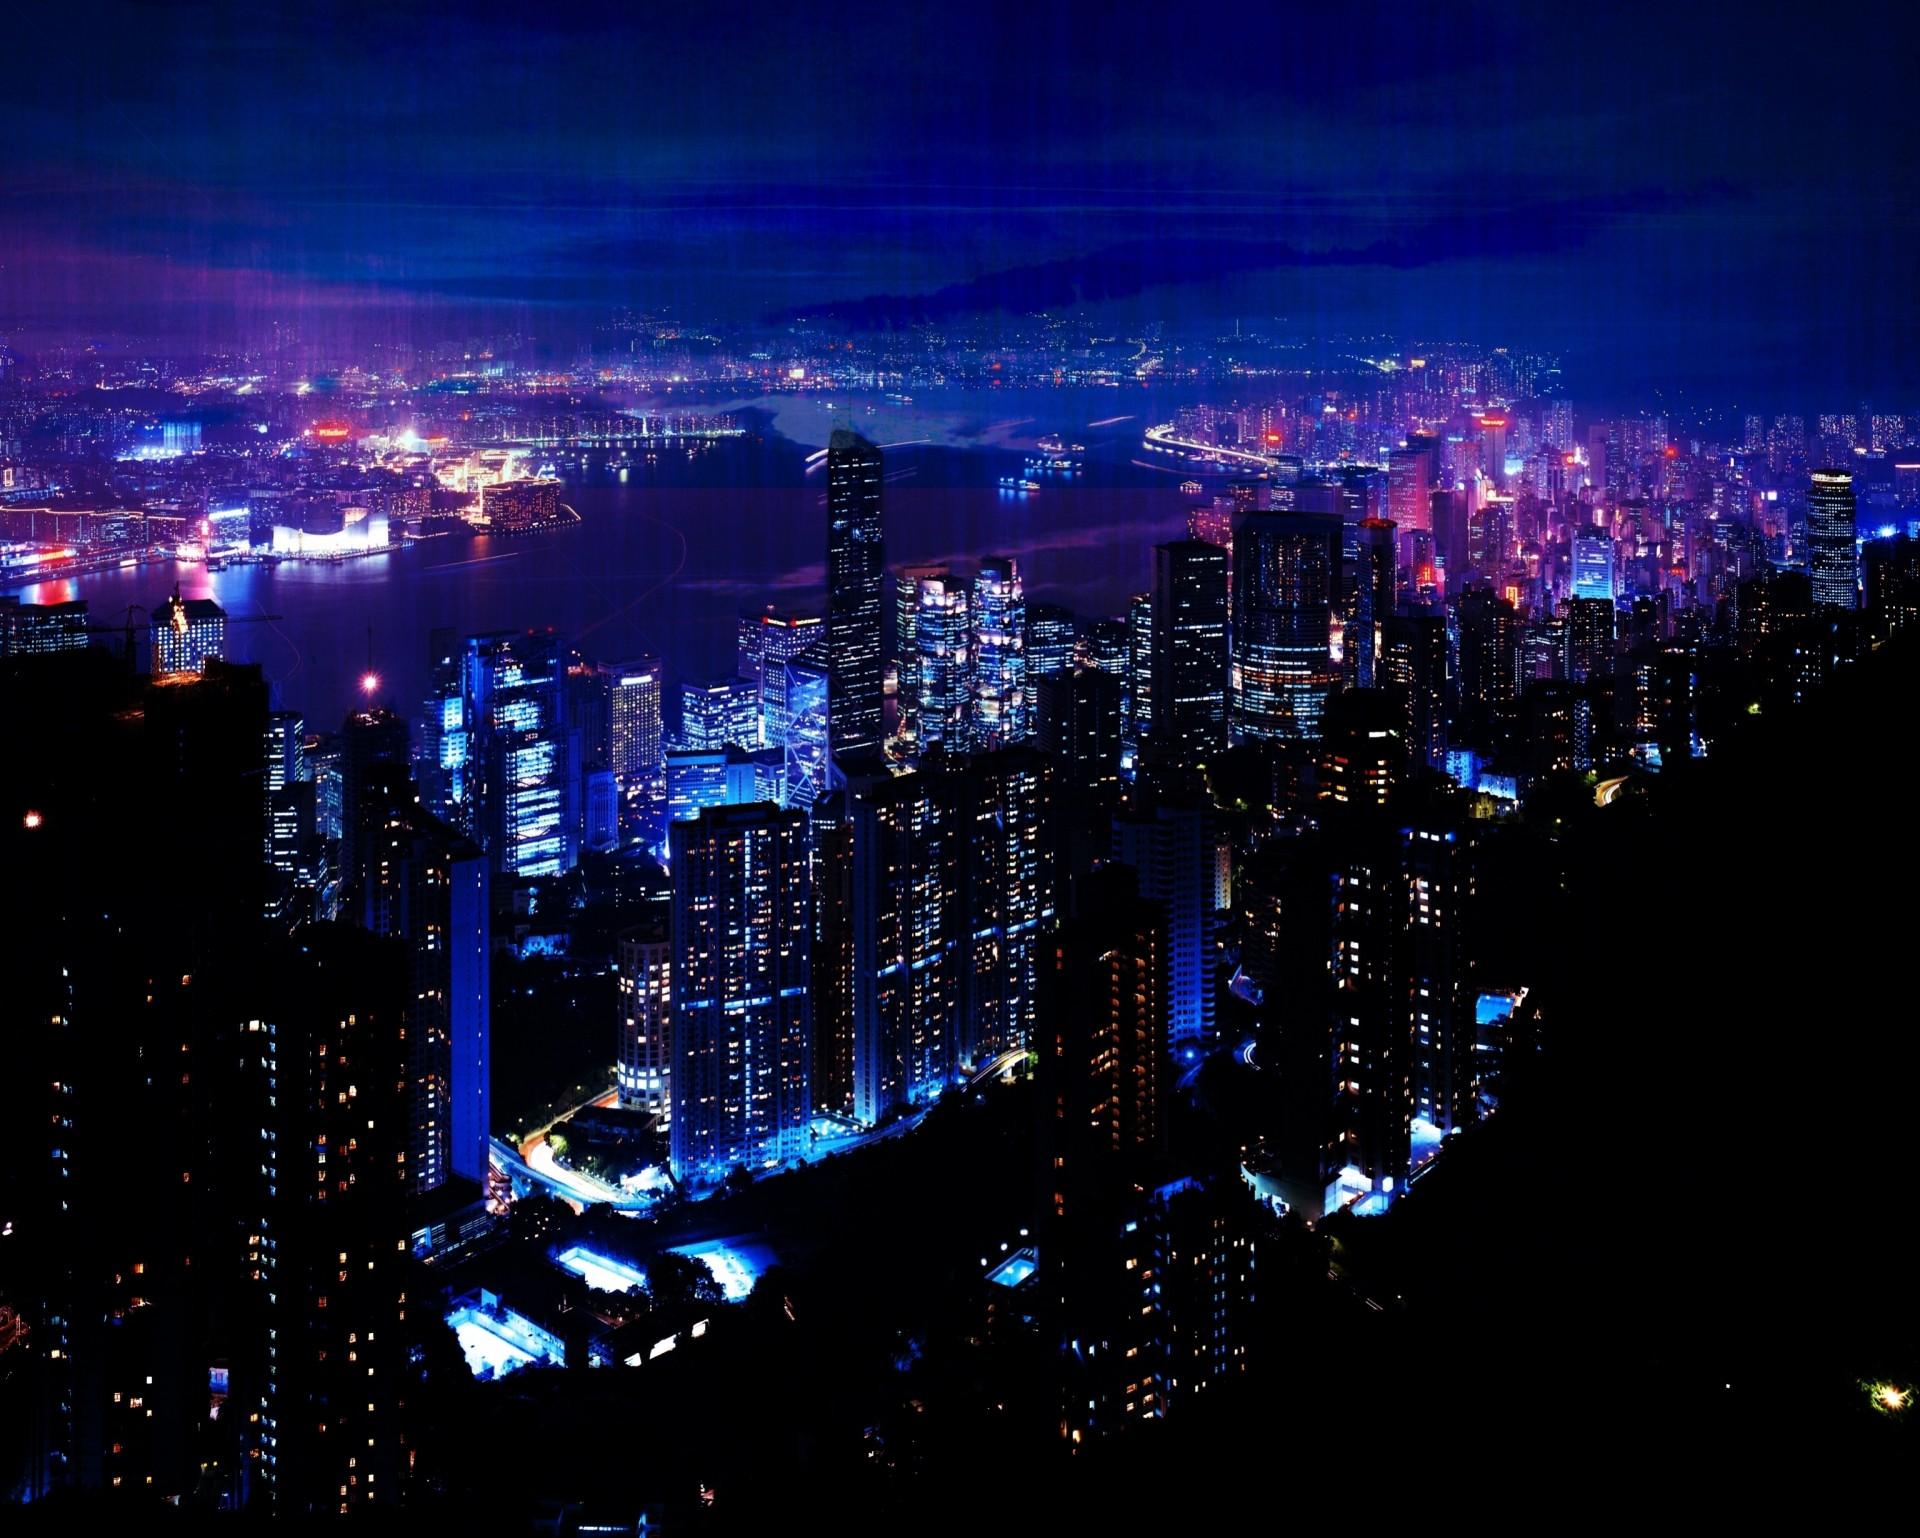 крутые картинки ночного города идеальном